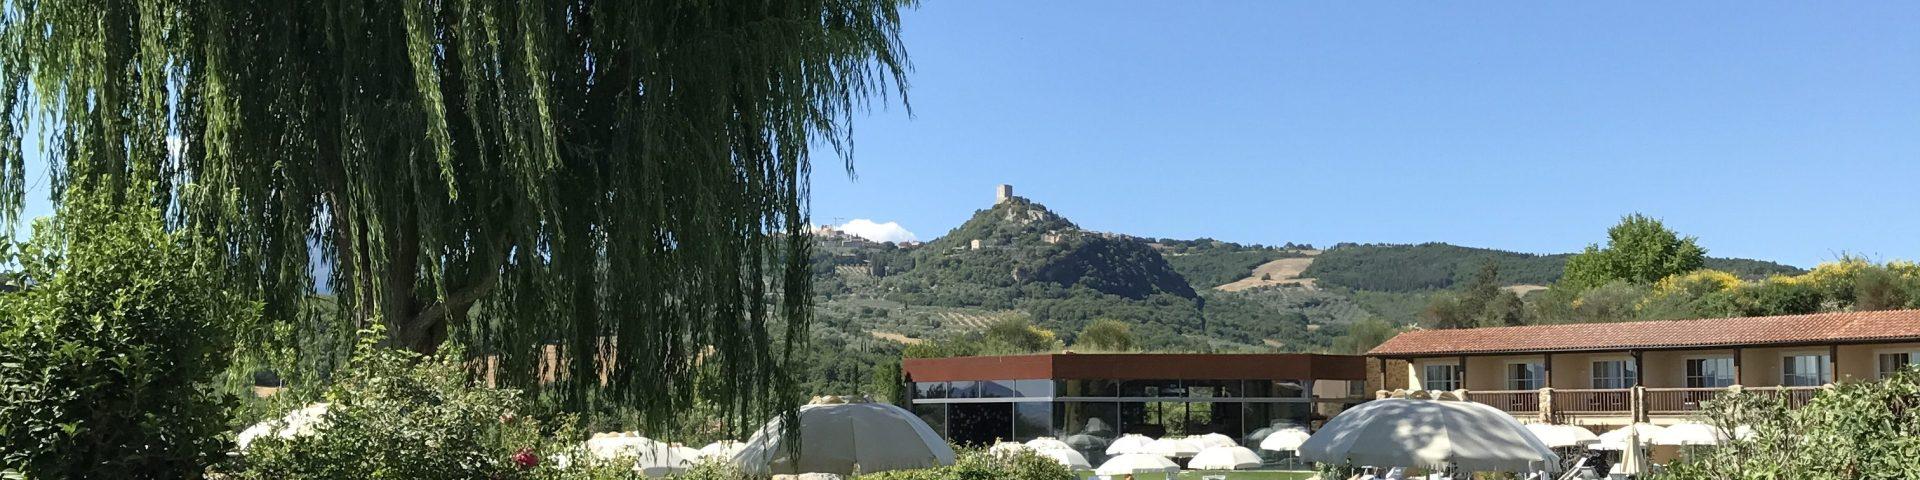 Ein 5-Sterne Landhotel in der Toskana